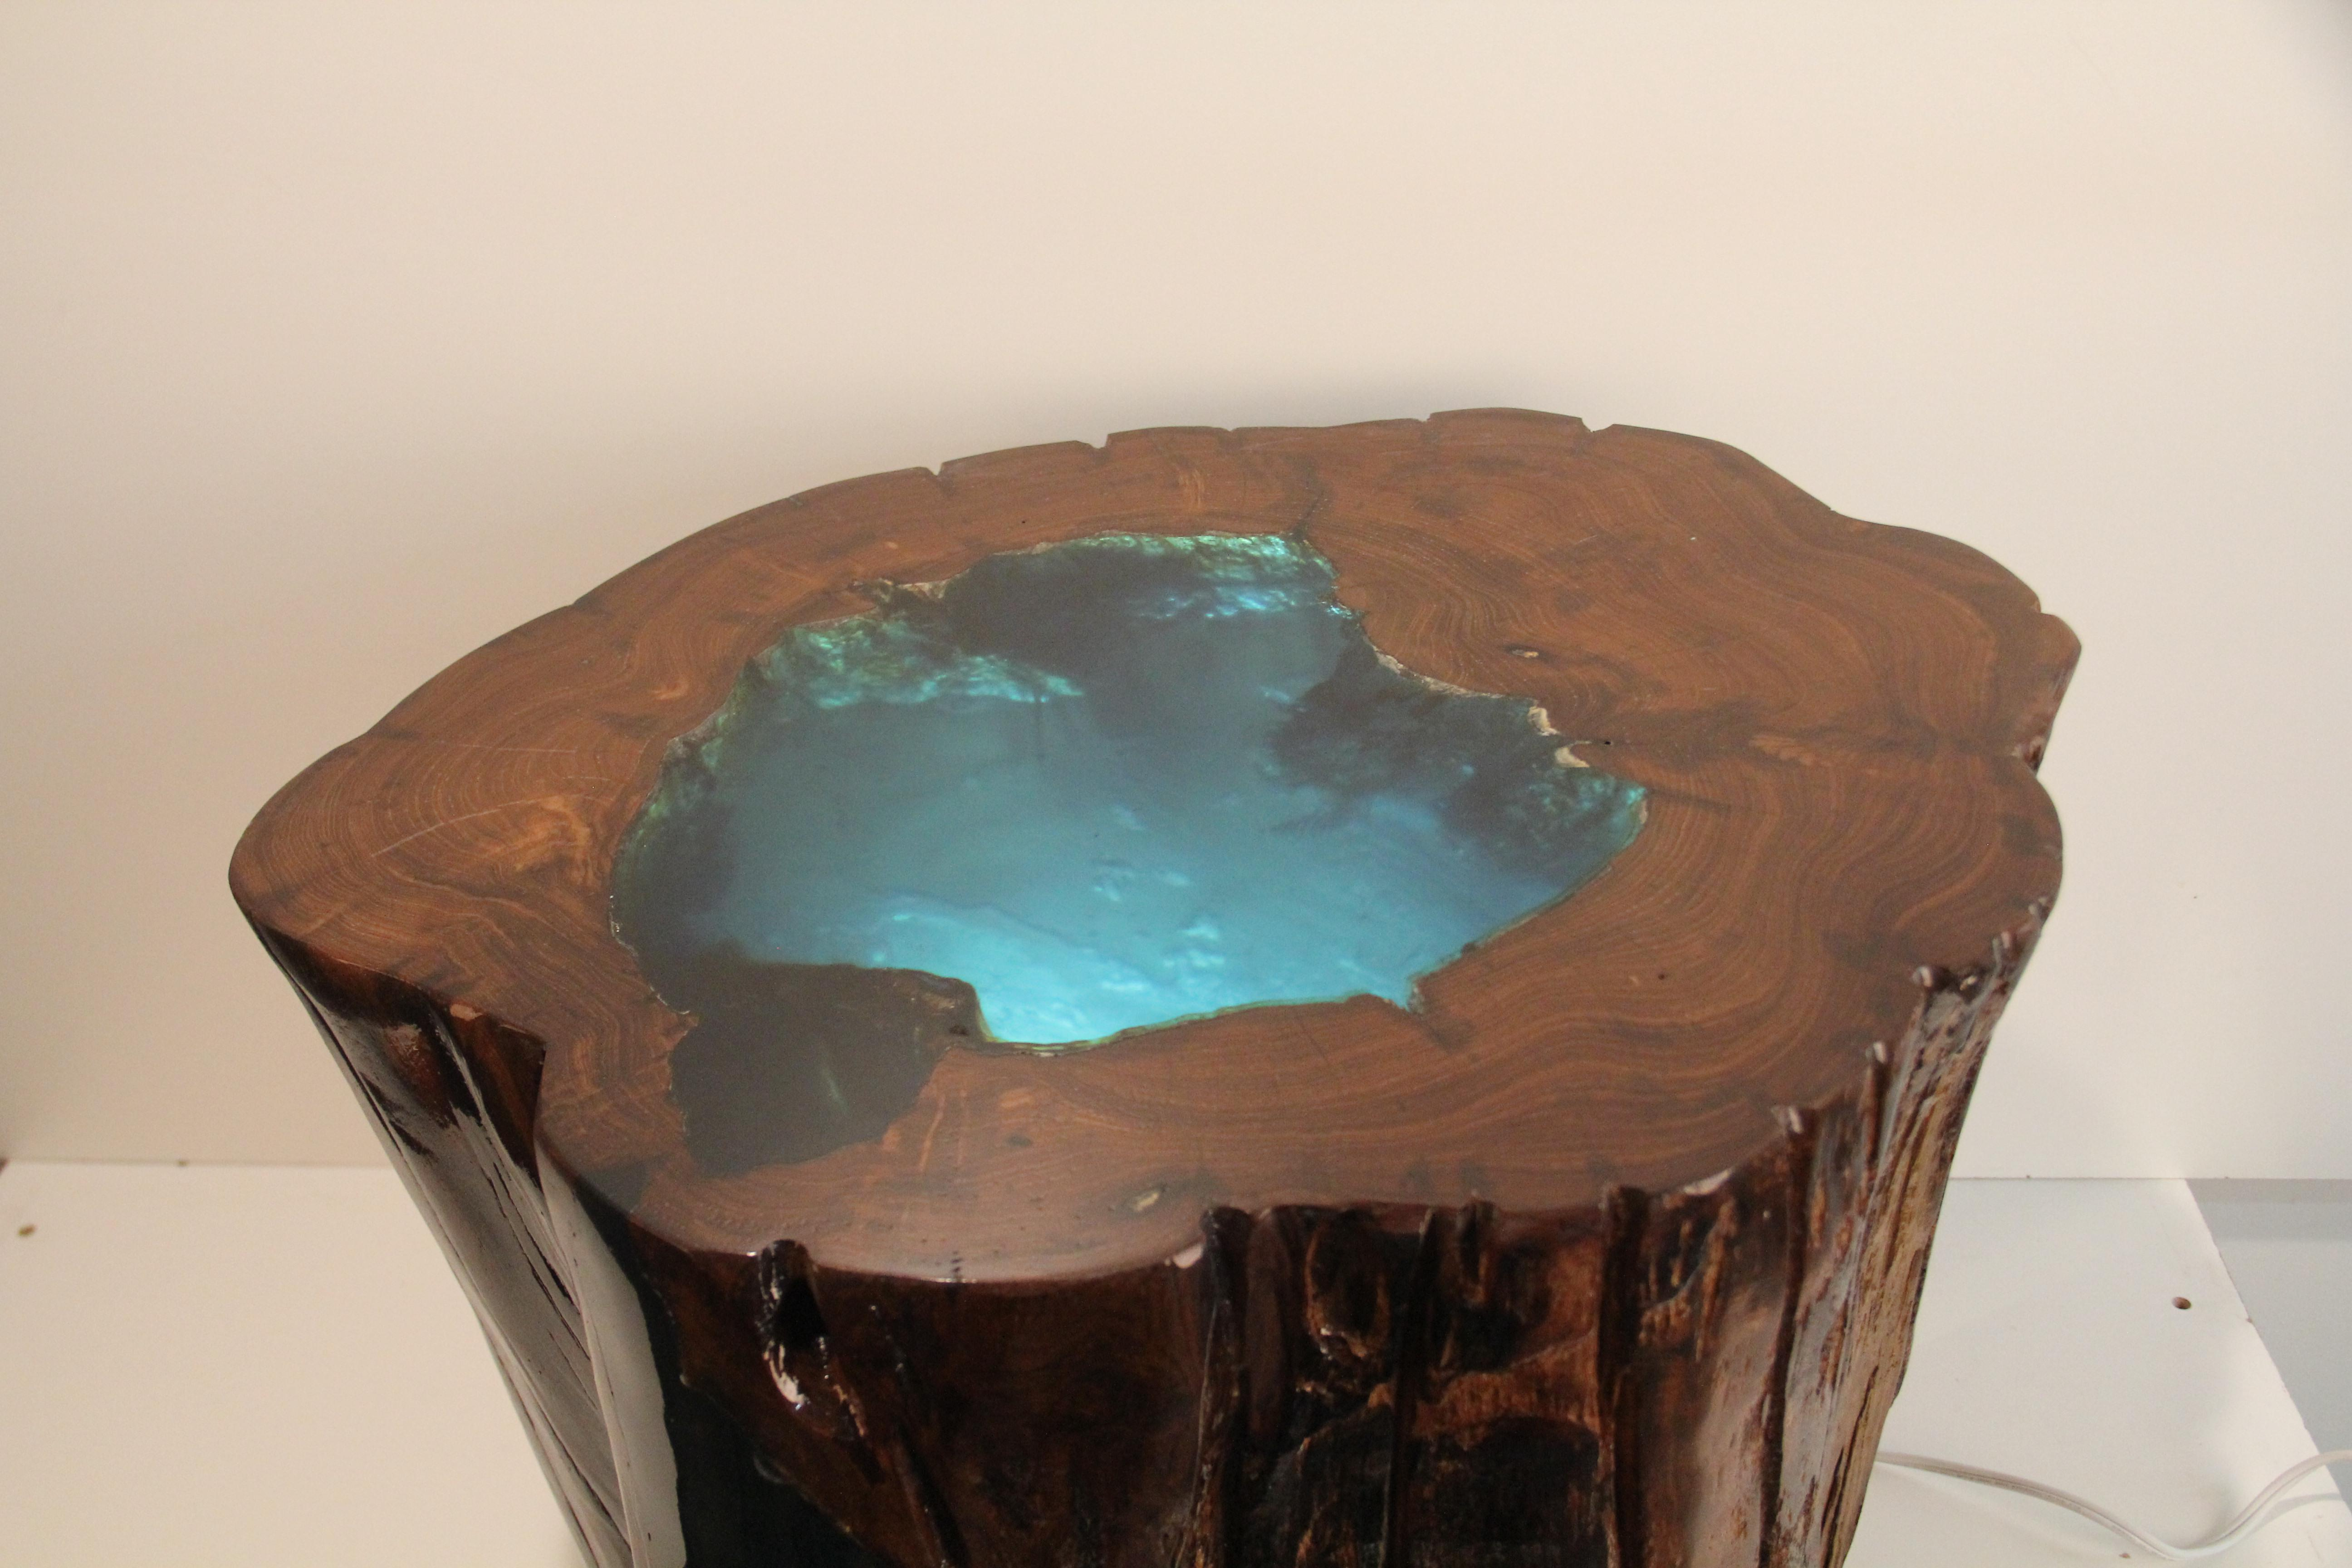 Illuminated Resin Filled Tree Stump Side Table Chairish